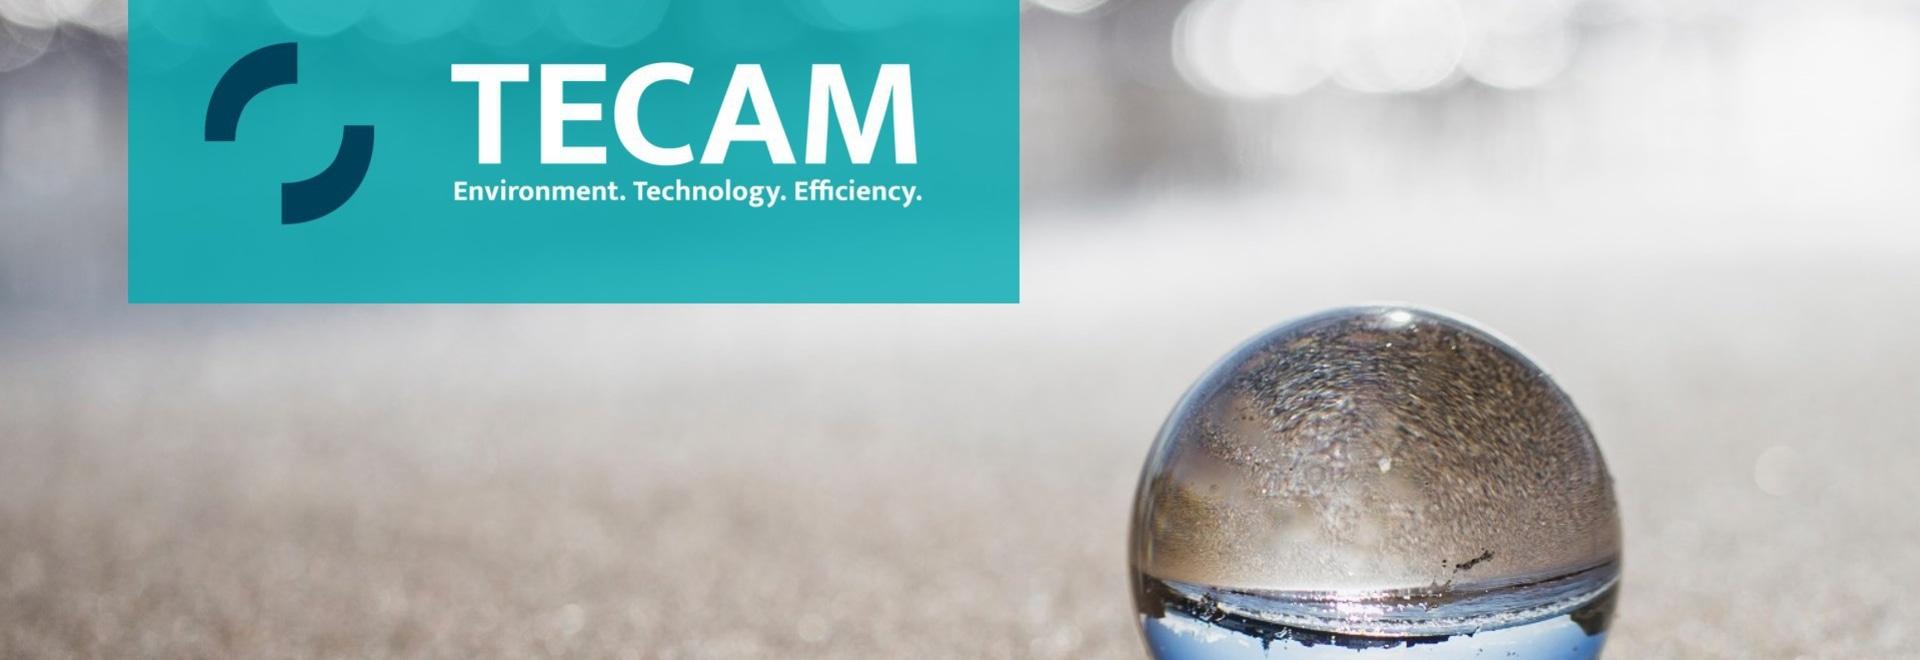 Nouvelle image corporative de Tecam